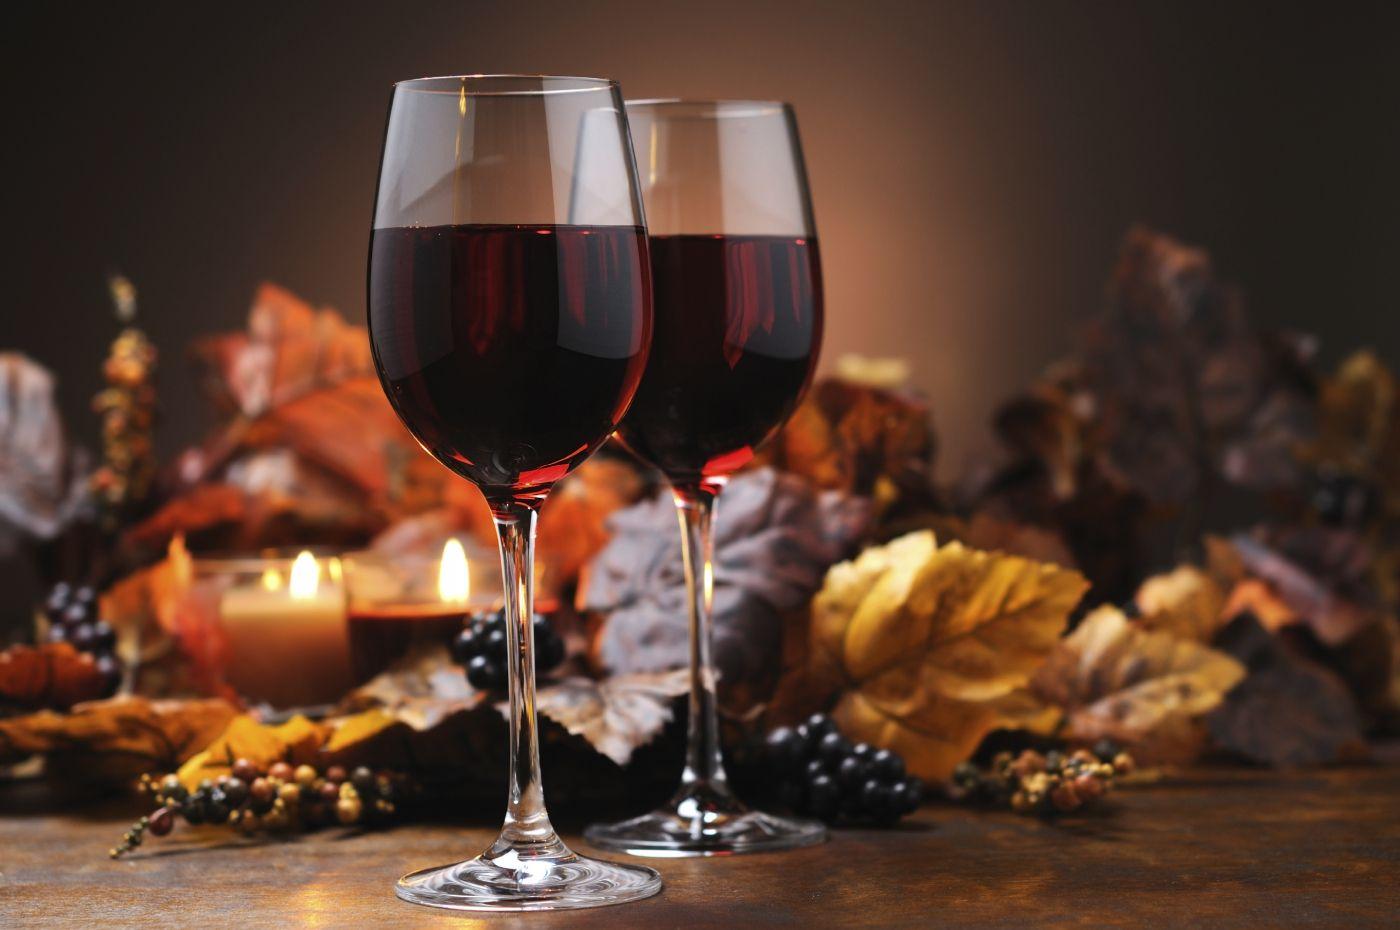 夏日喝葡萄酒有什么讲究